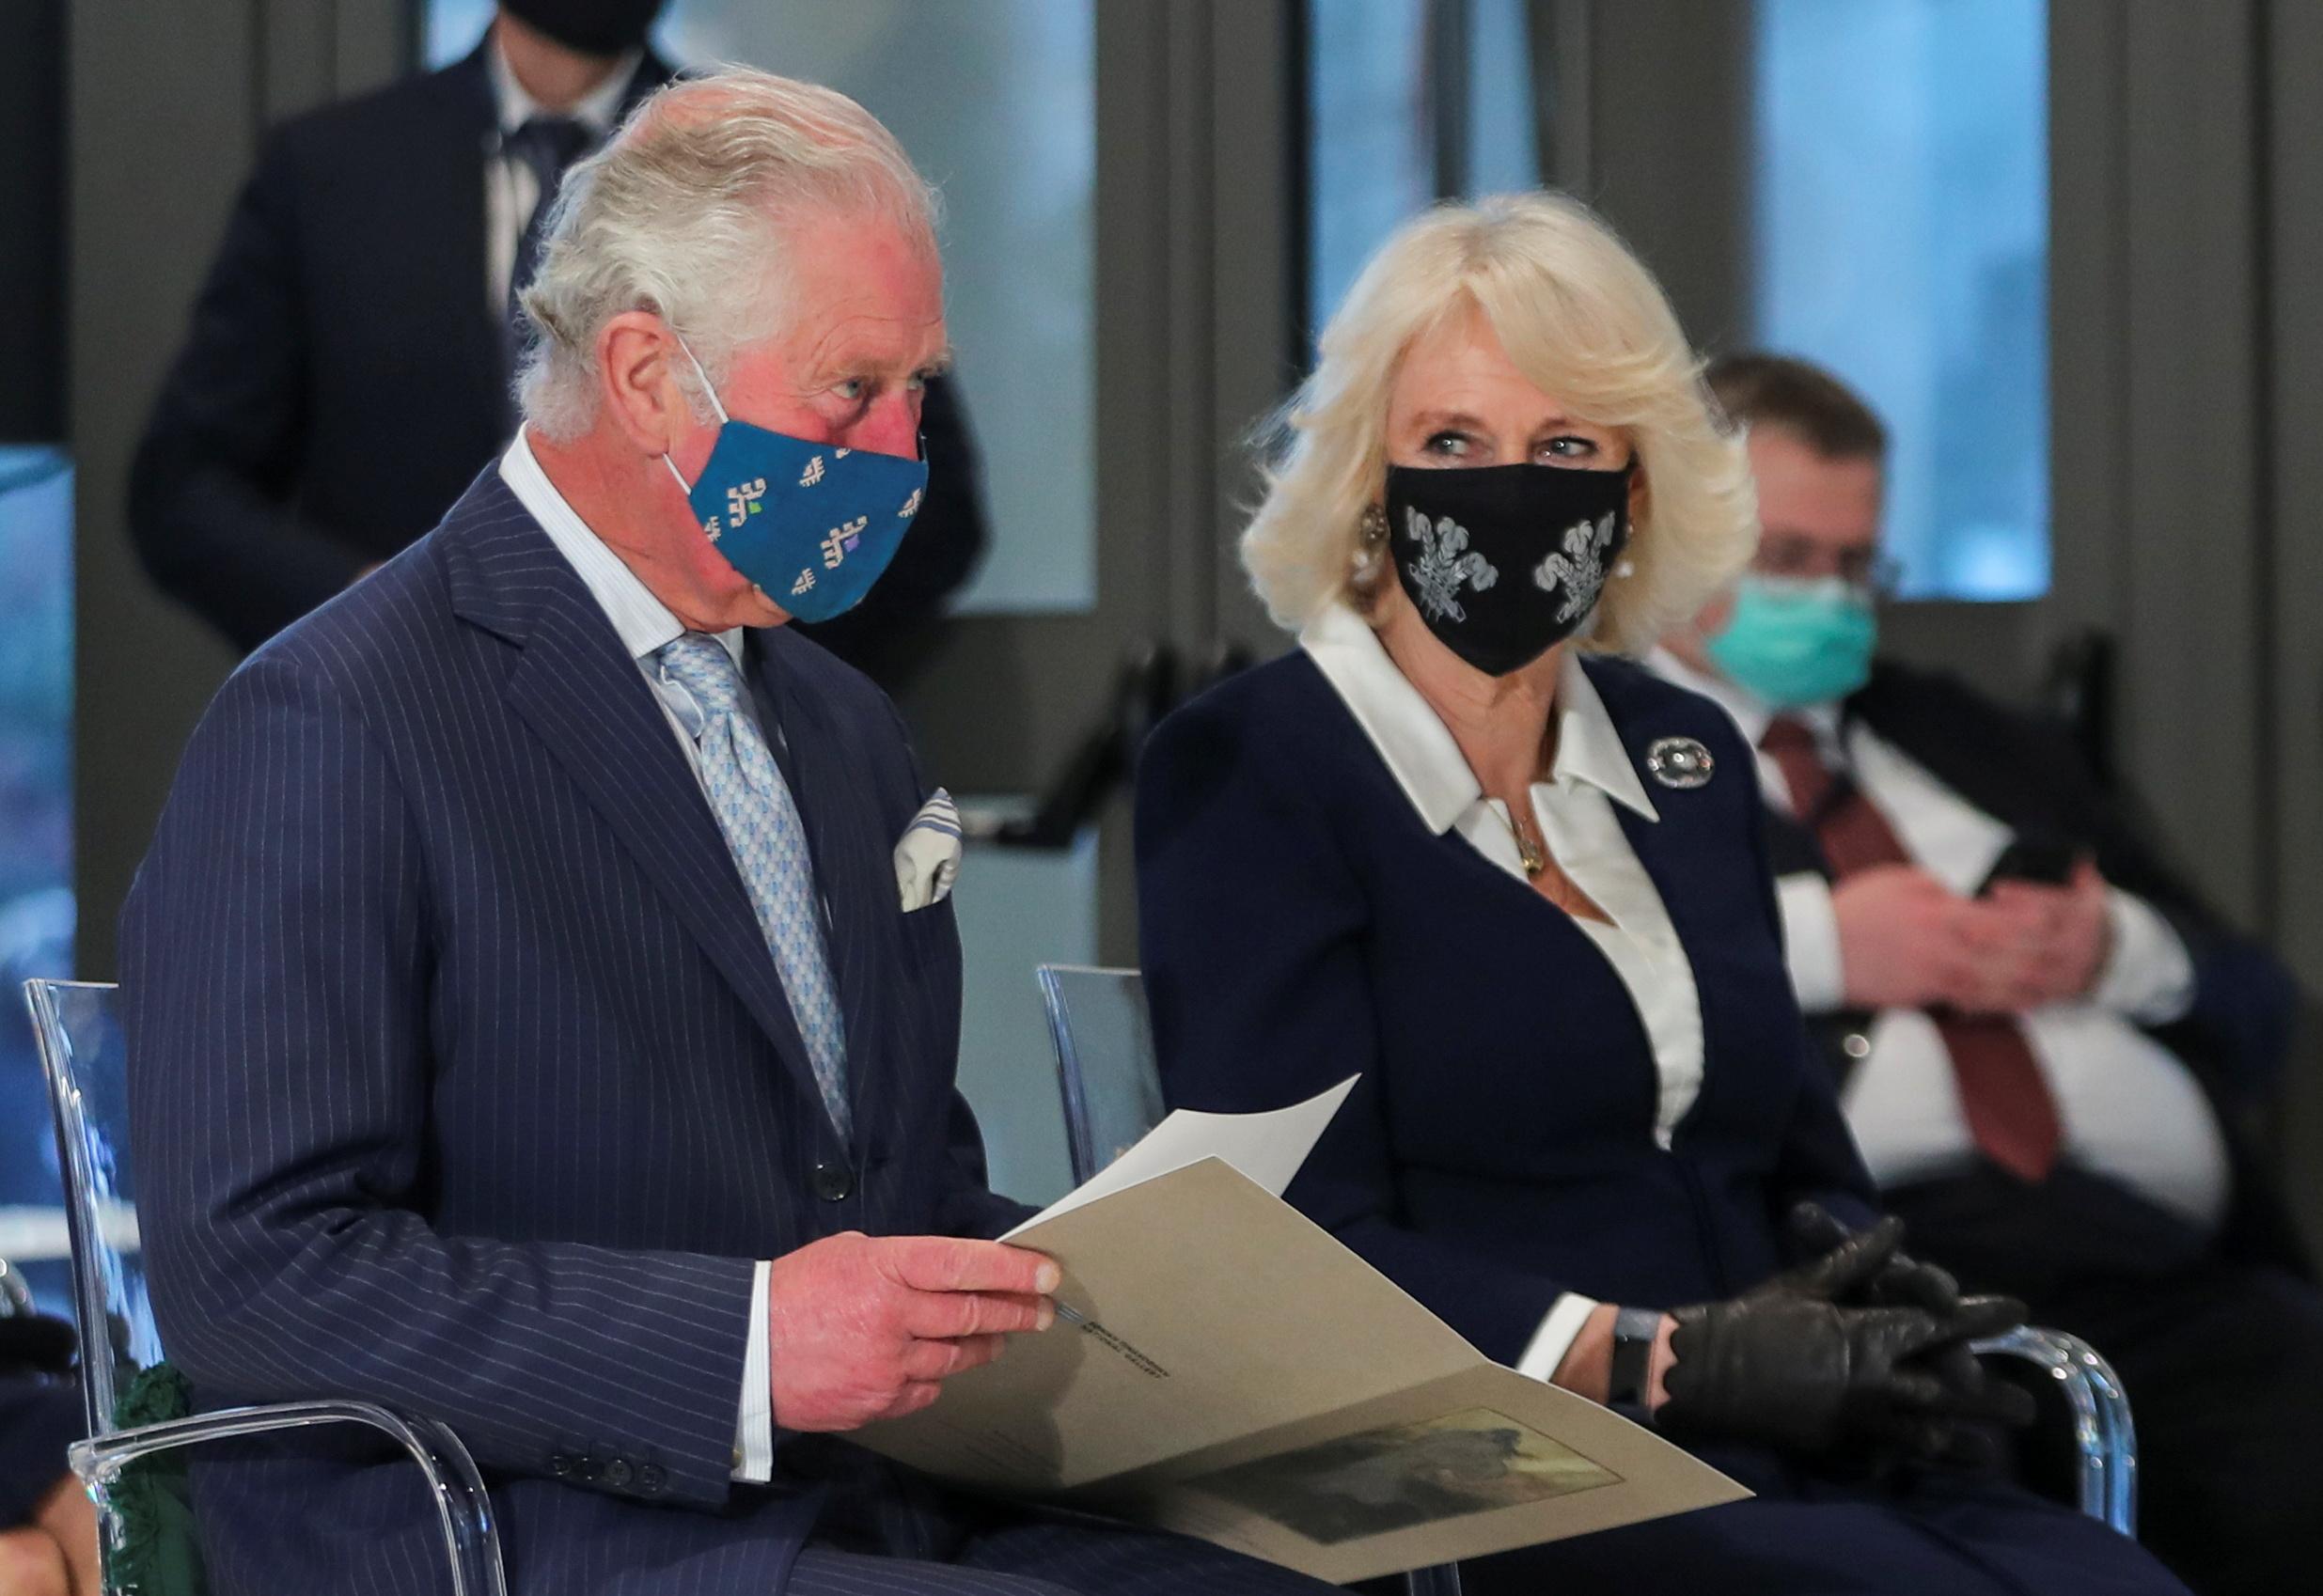 Τι συμβολίζουν οι μάσκες του Πρίγκιπα Καρόλου και της Καμίλα (pics)